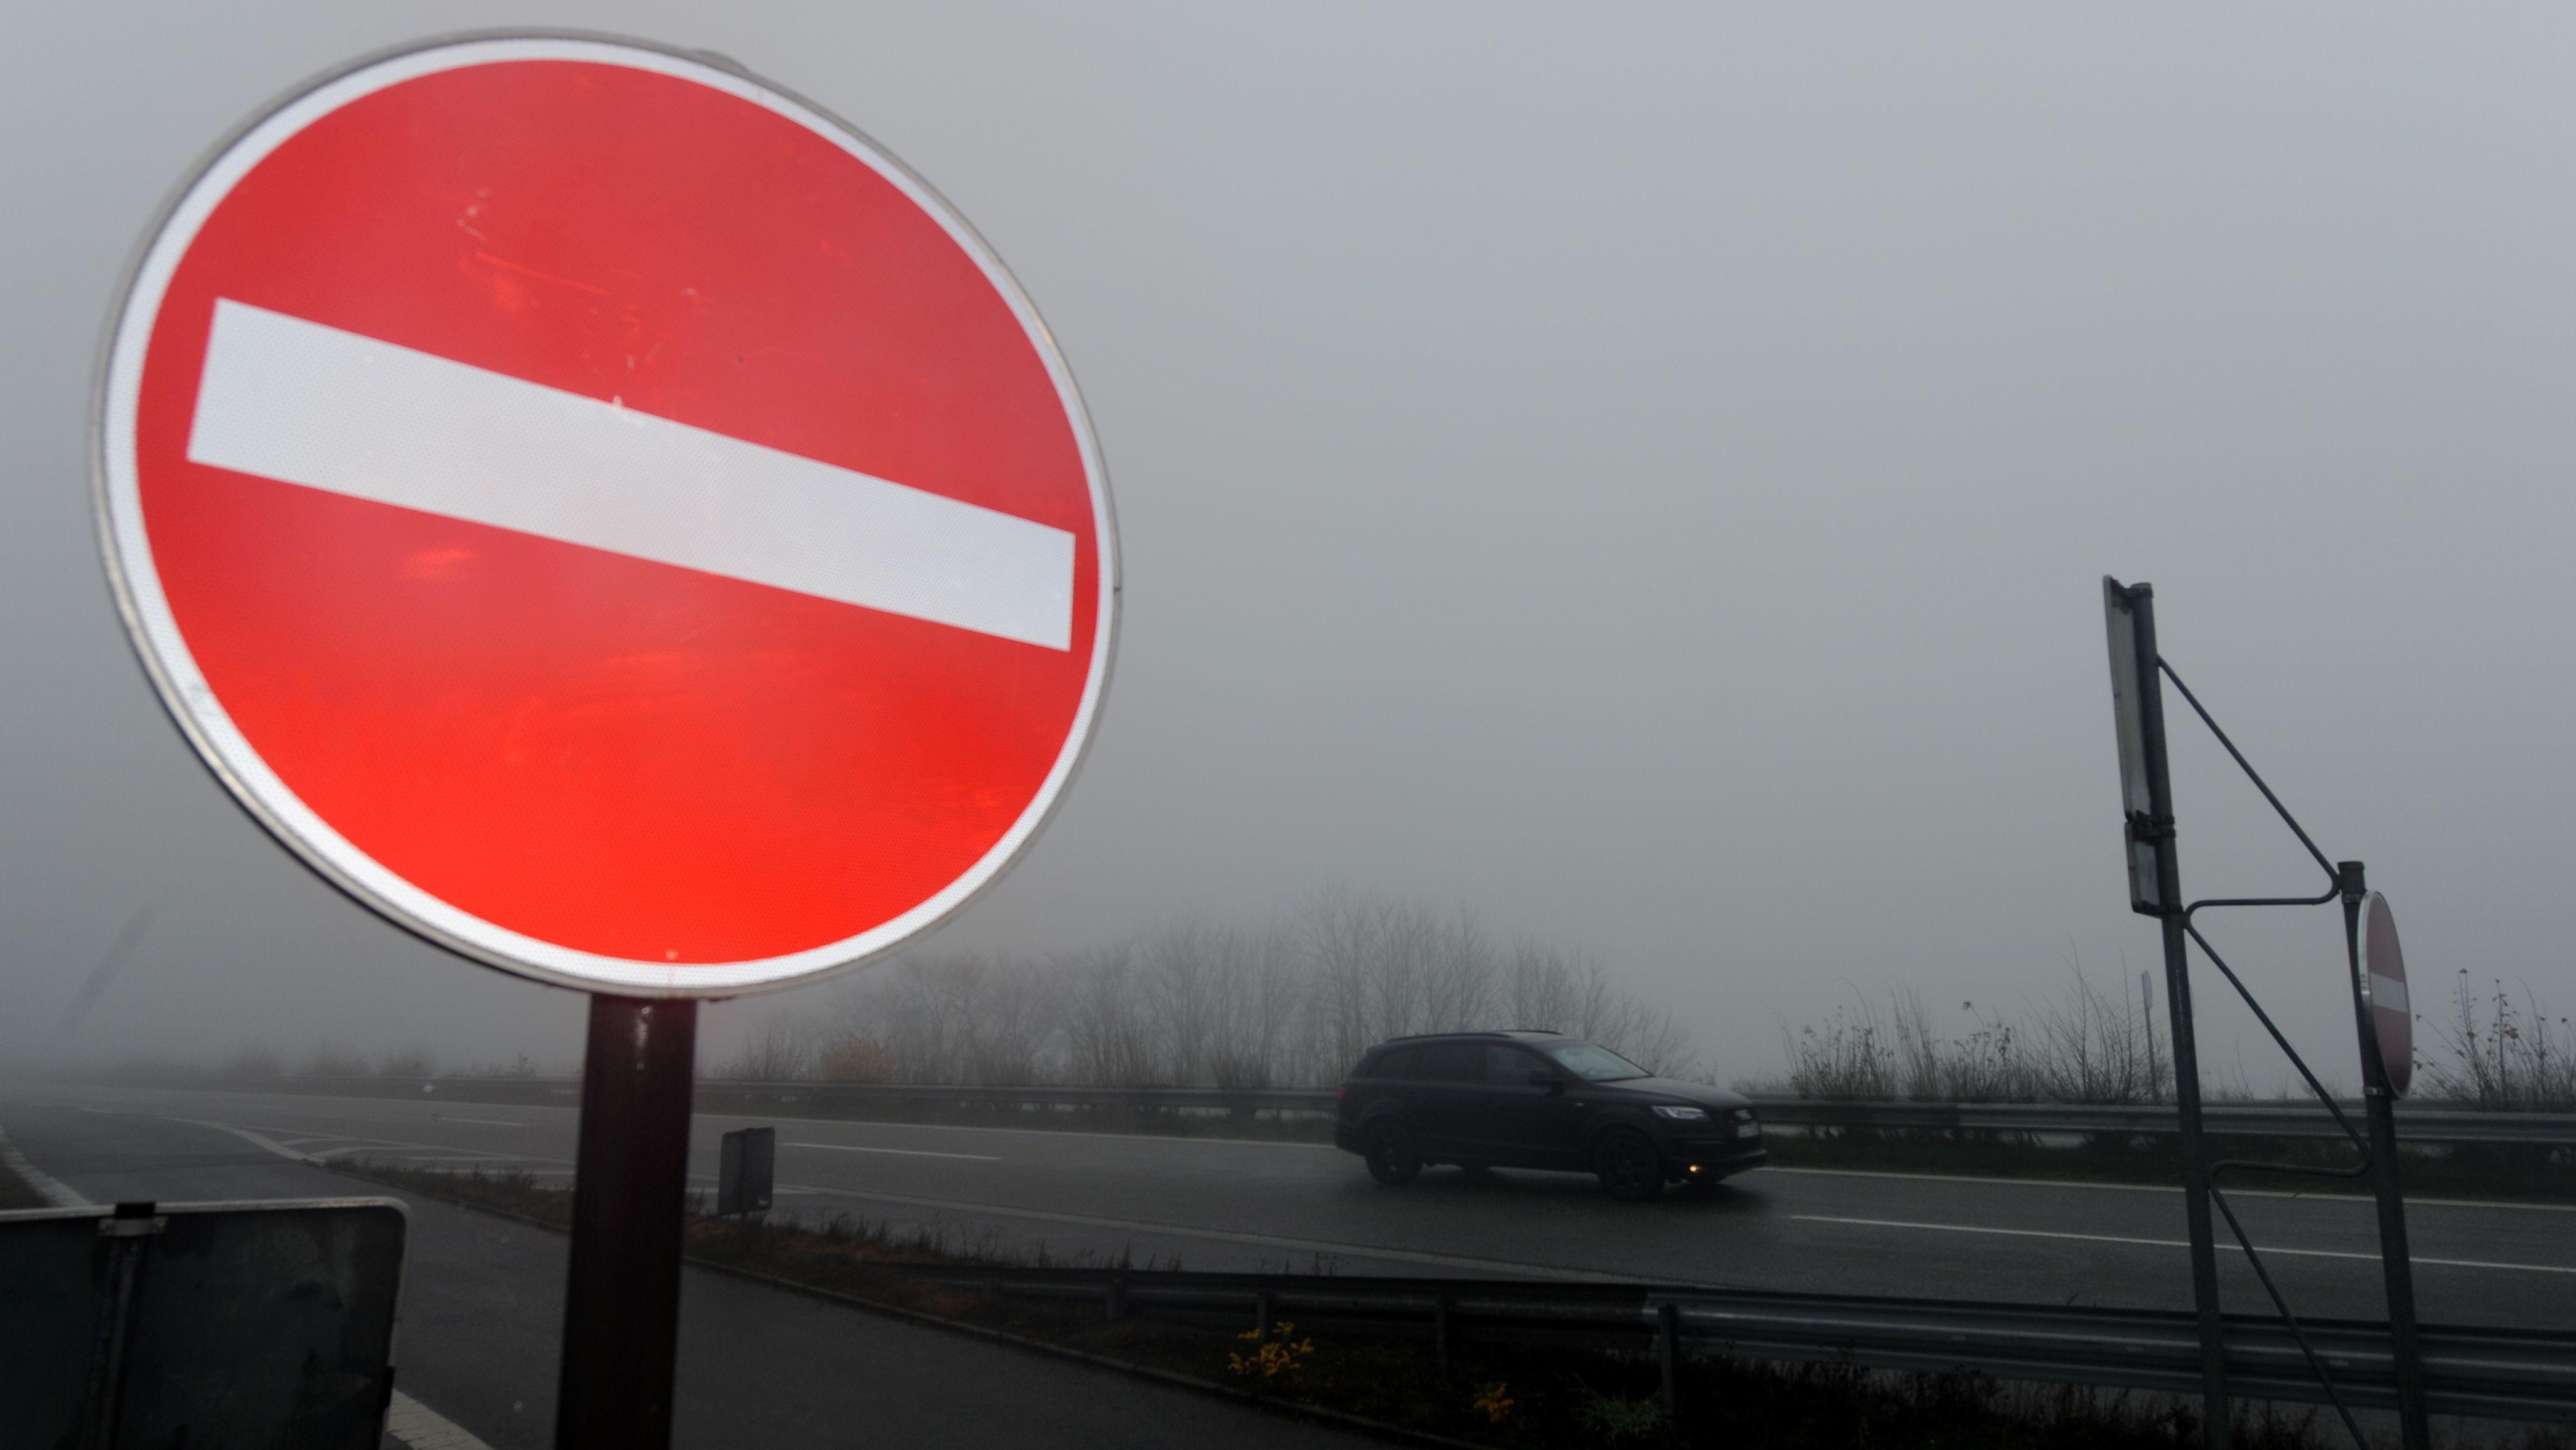 """Symbolbild: Verkehrszeichen """"Verbot der Einfahrt"""" an einer Autobahnauffahrt"""